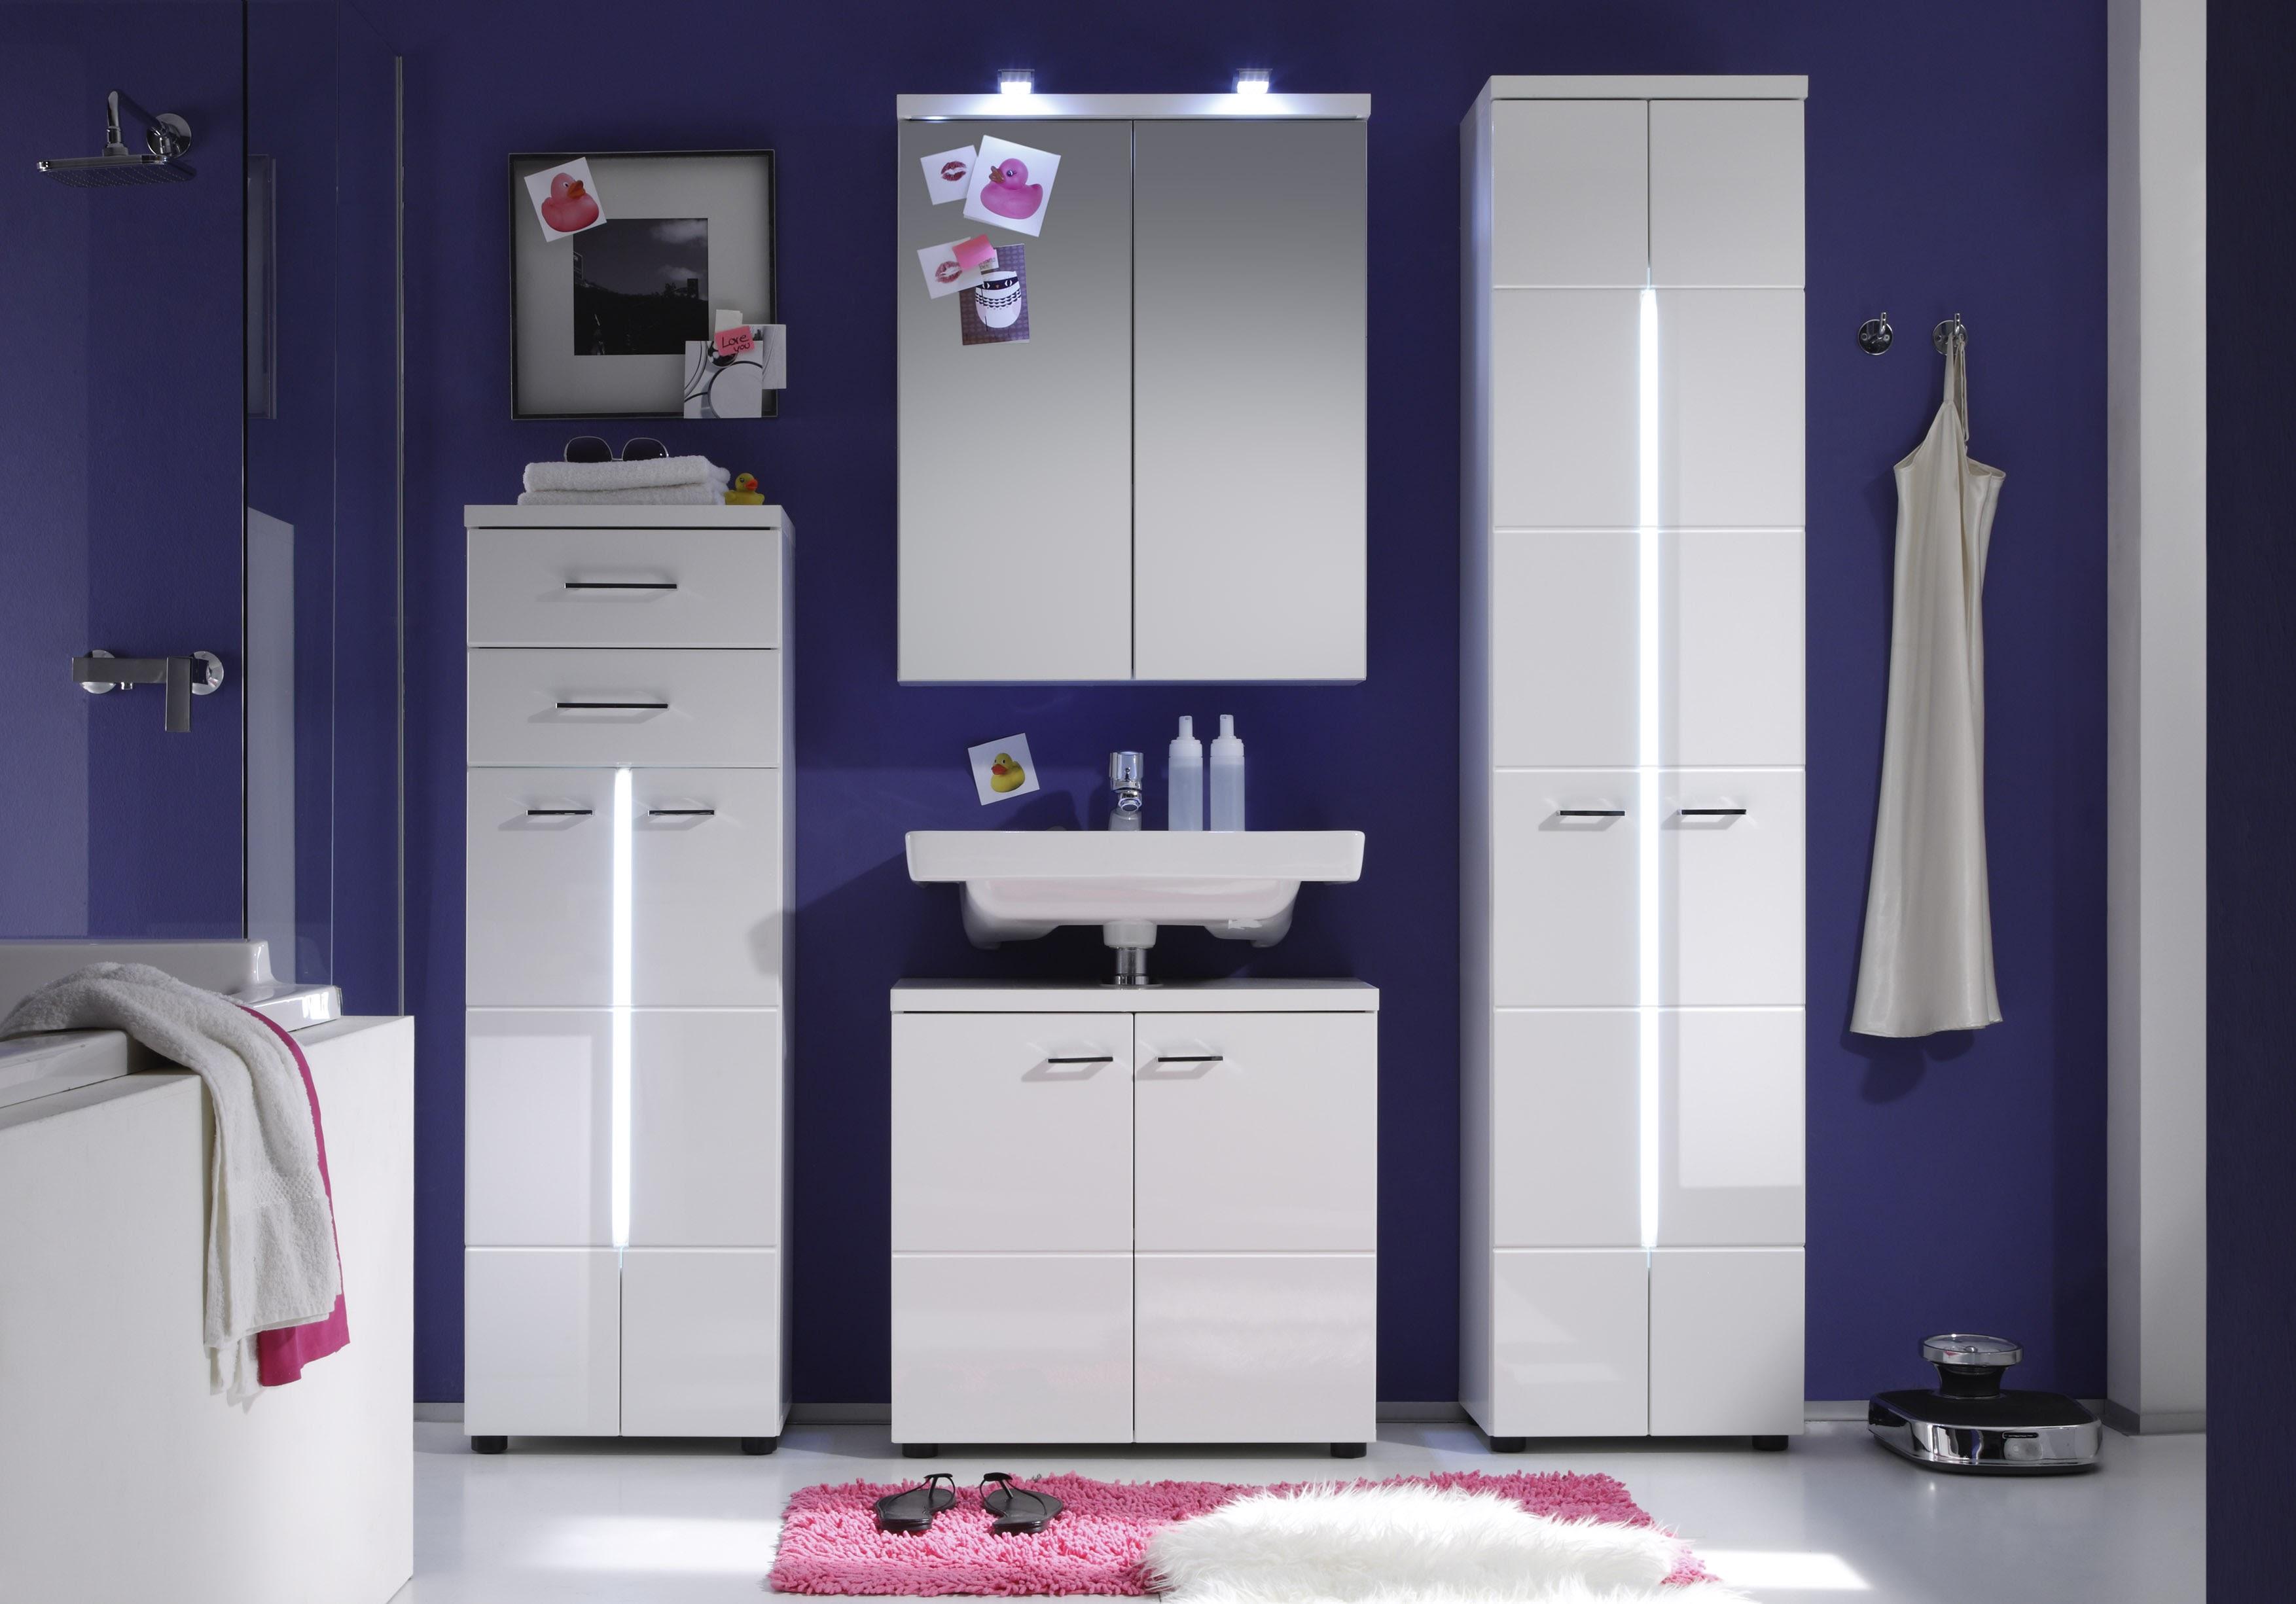 spiegelschrank fürs badezimmer dprmodels es geht um idee, Badezimmer ideen